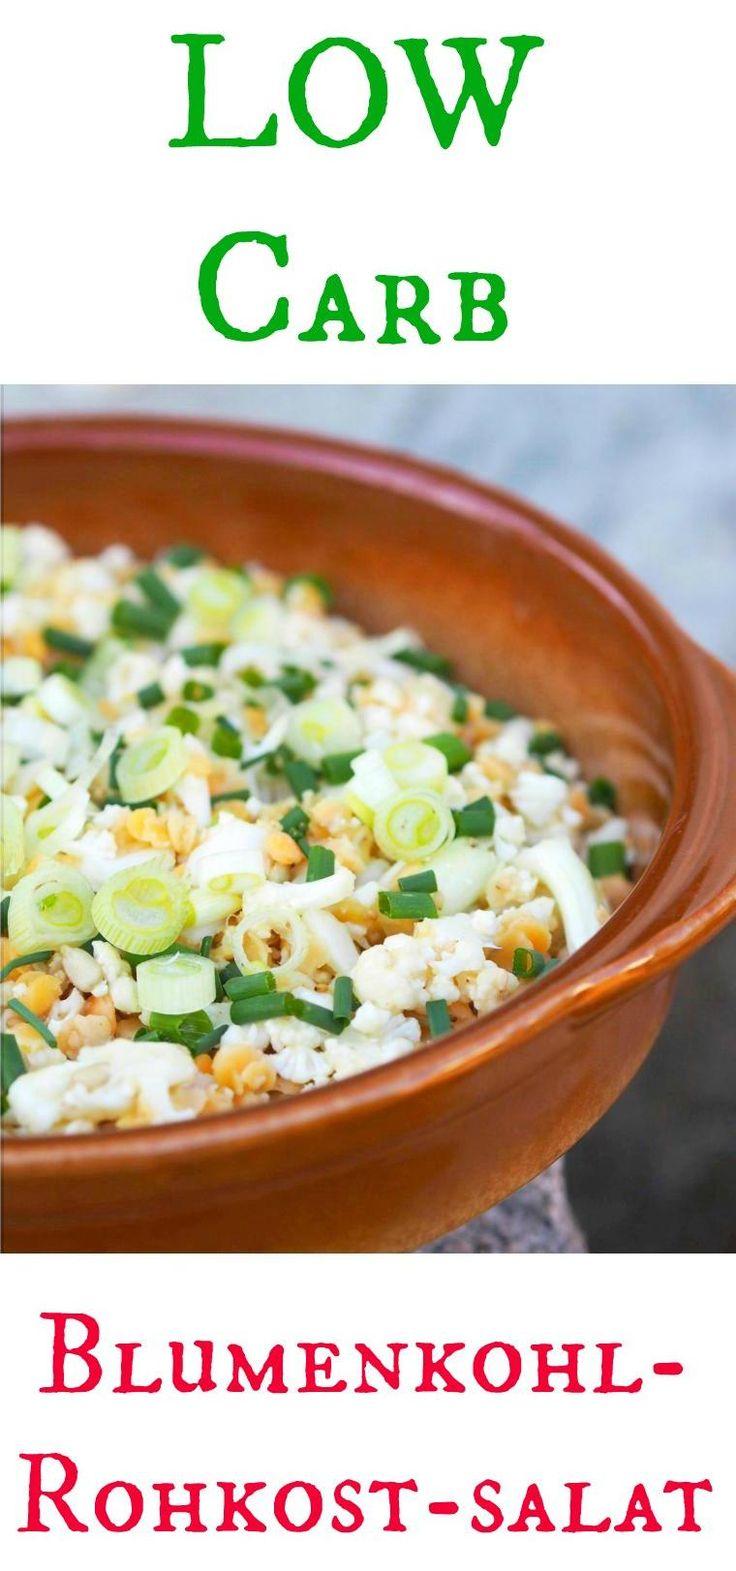 Ein leckerer Low-Carb Blumenkohl – Rohkostsalat mi Linsen ist genau das richtig zum Grillen. Schnell zubereitet zum Thermomix und fruchtbar lecker. Auch am nächsten Tag im ToGo Becher ins Geschäft eine super Sache. Probiert es aus… ist ungefähr so wie der bekannte Brokkolisalat (genauso gut)! Eat Healthy !